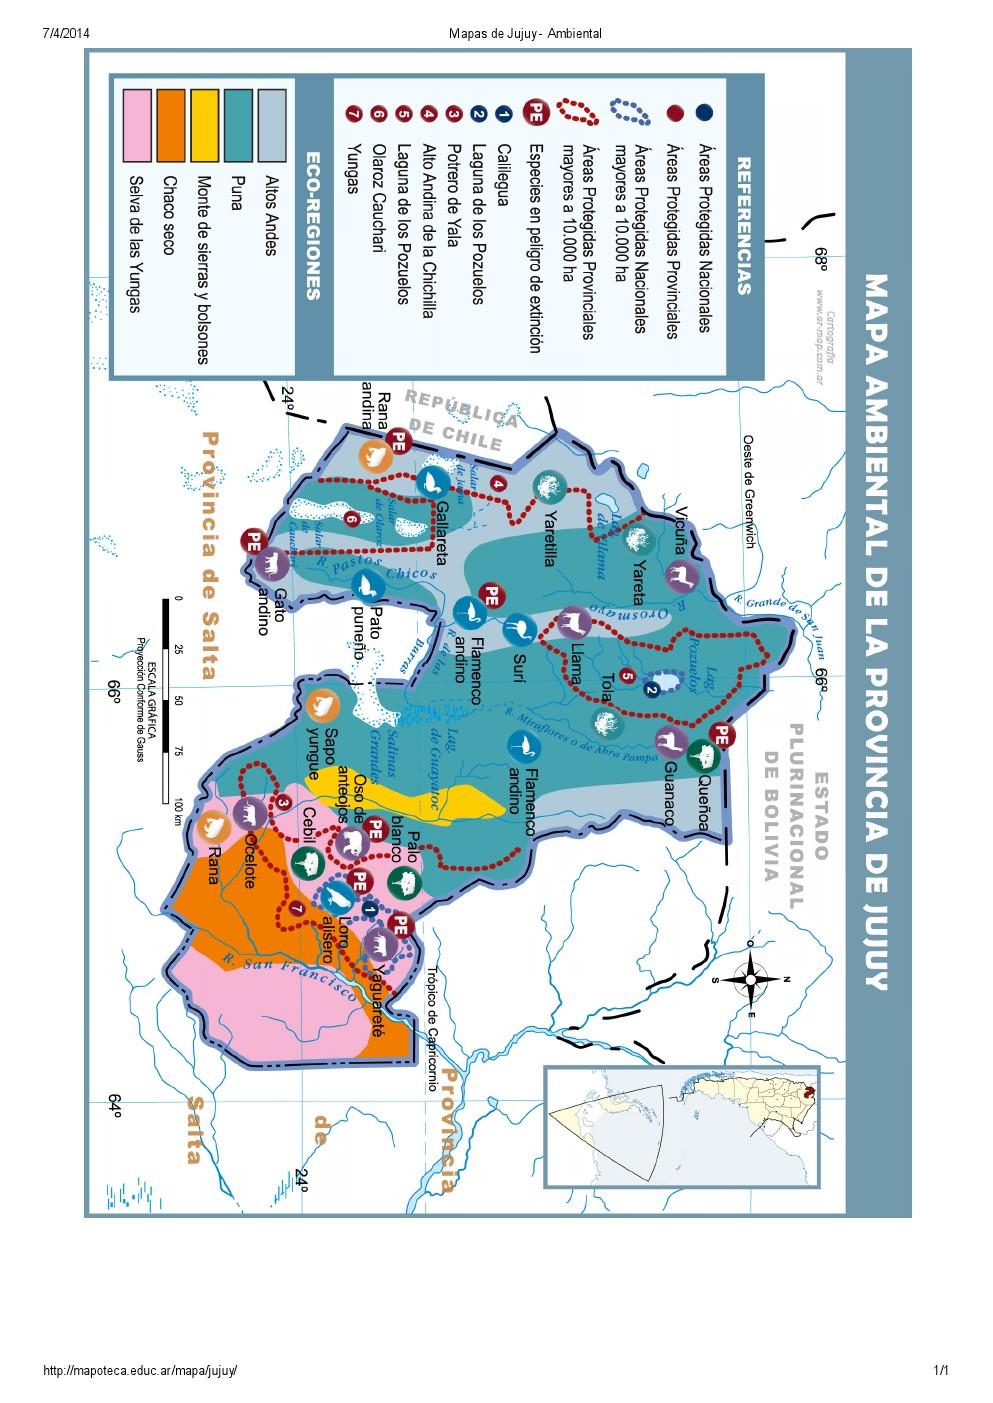 Mapa ambiental de Jujuy. Mapoteca de Educ.ar